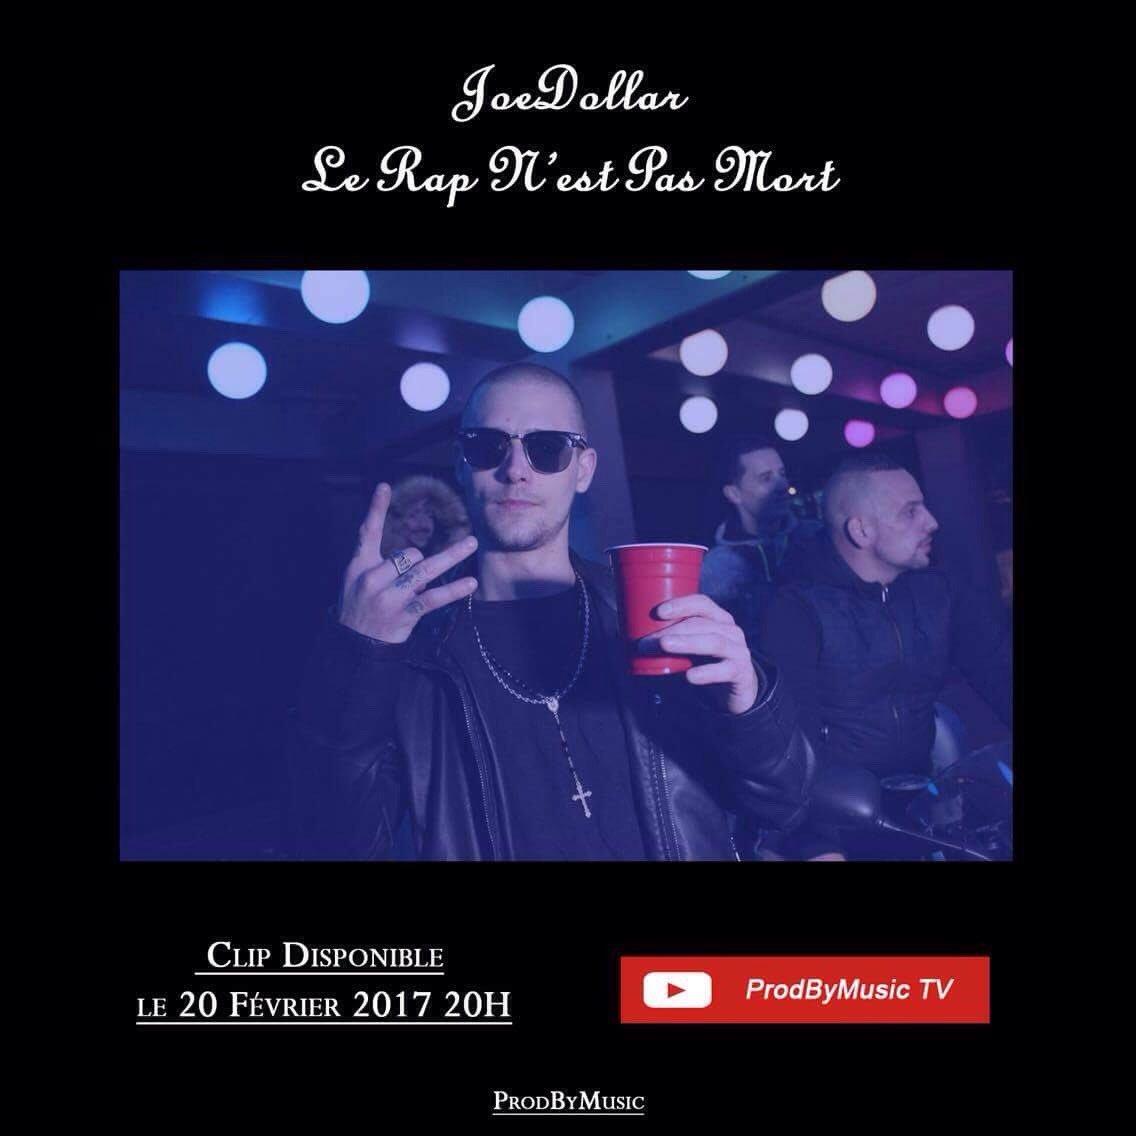 Le 20 février à 20h le rap français vas moin rigoler !! @fredmusa  #LeRapNestPasMort  #NoMusicNoLife #JoeDollar #rapfrancais #2017 #album <br>http://pic.twitter.com/SqAfGD91sa